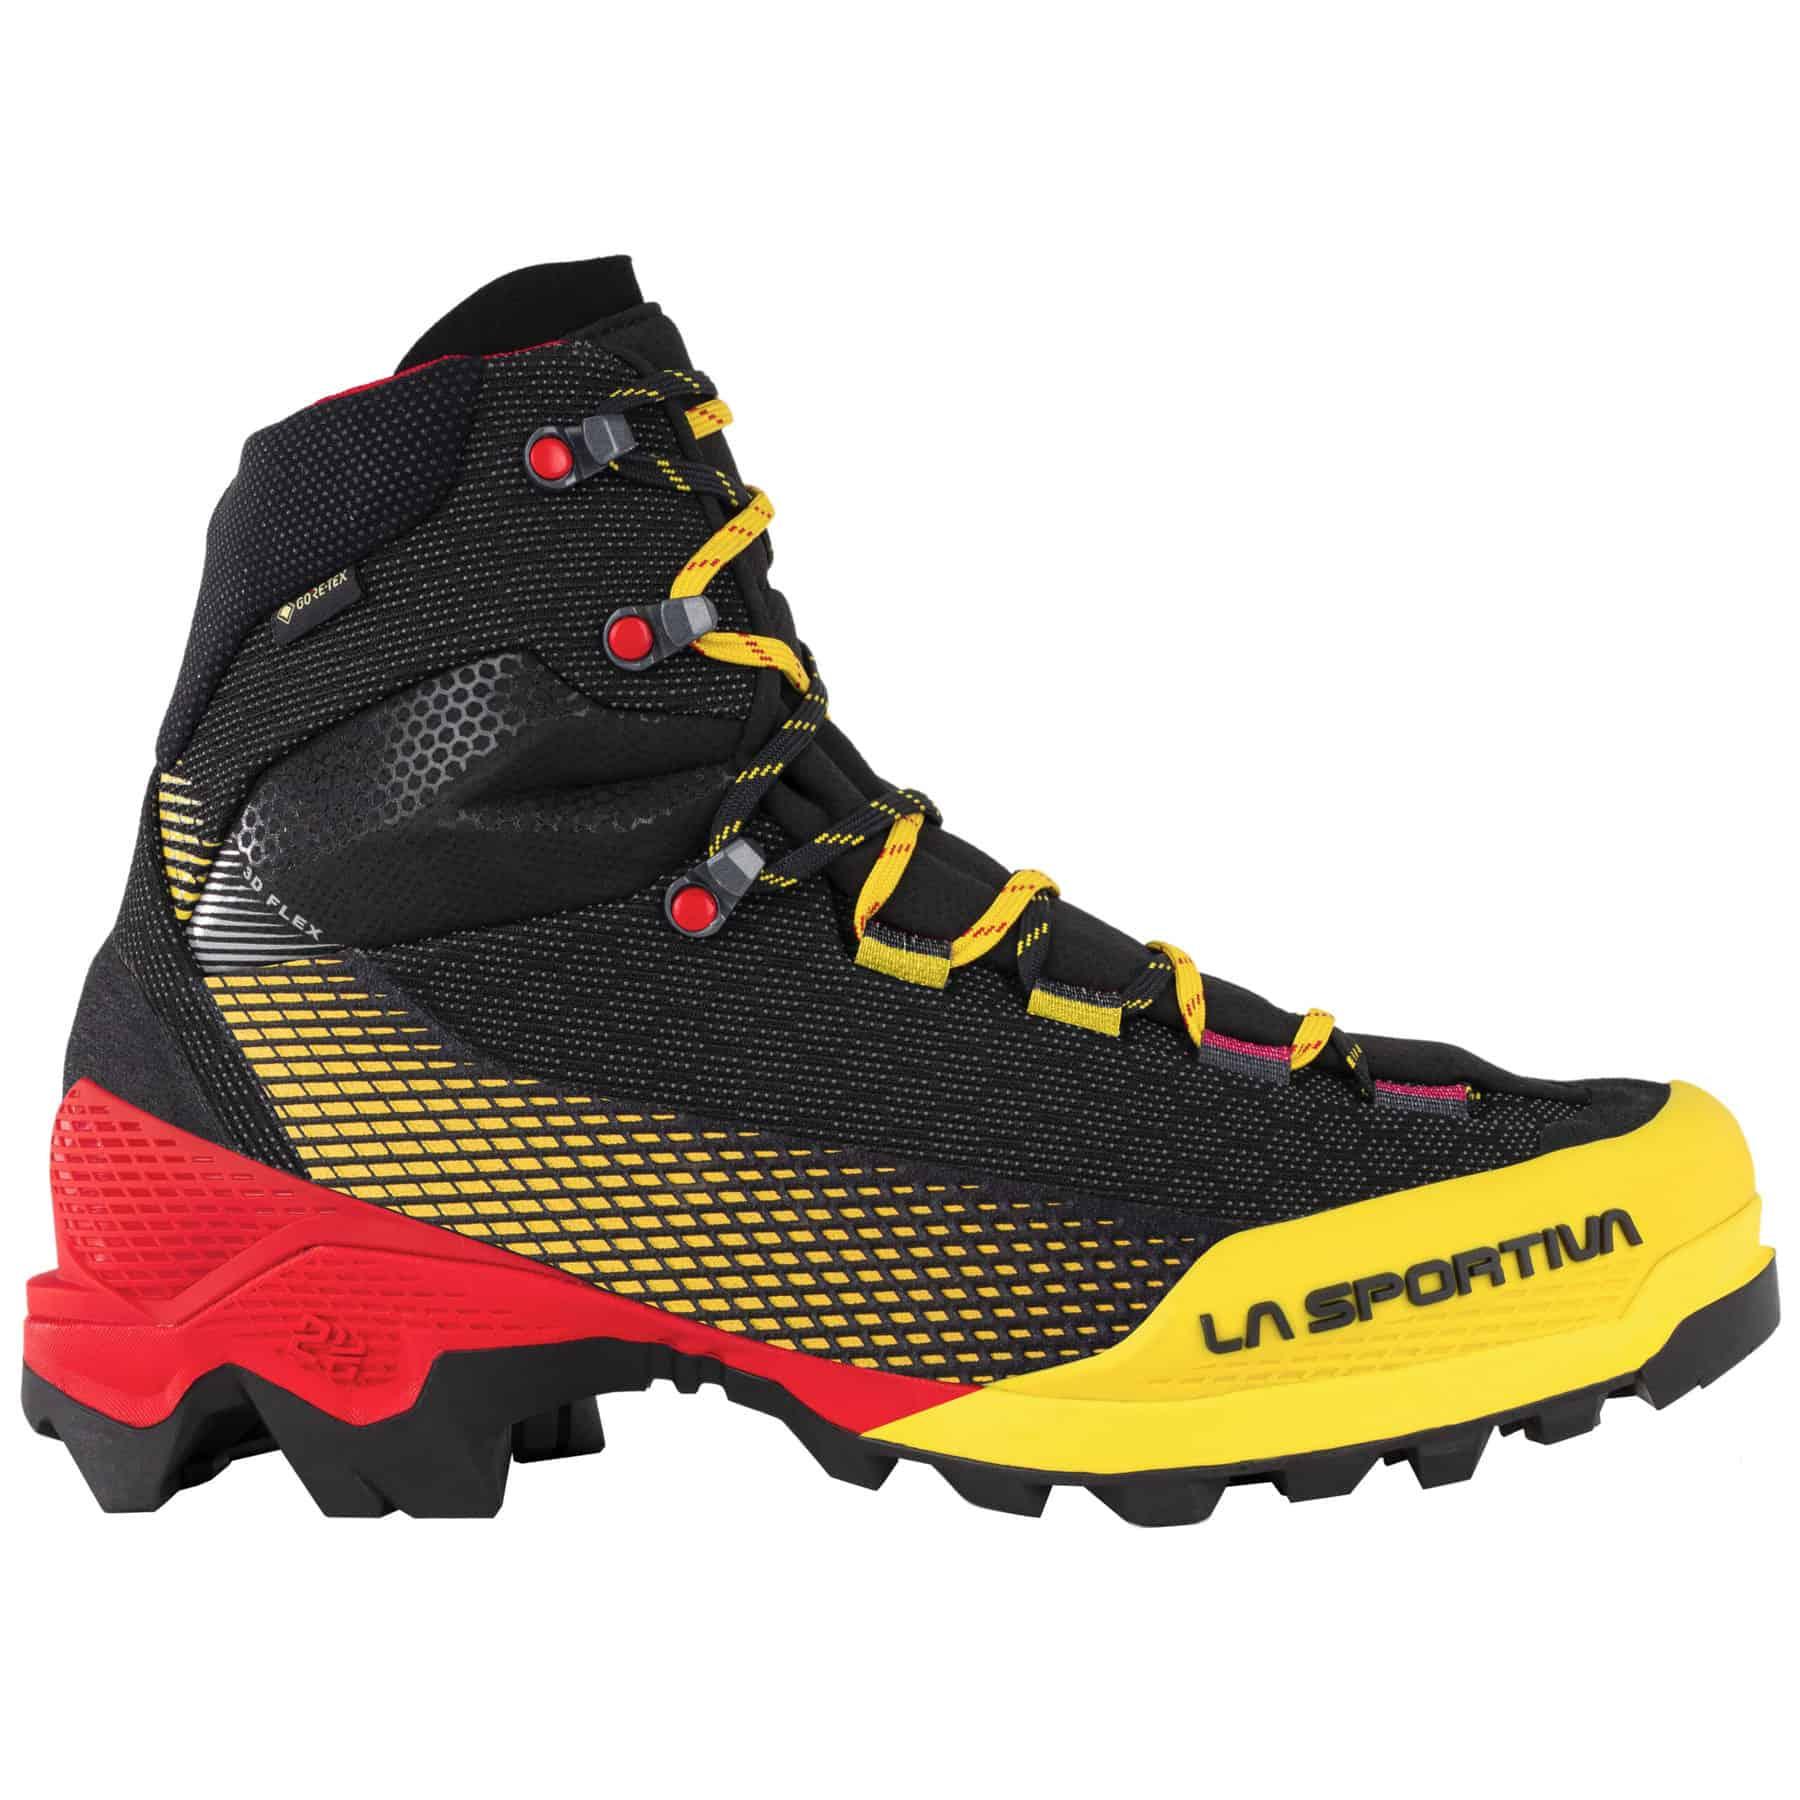 Aequilibrium Series: l'alpinismo light & fast by La Sportiva - Aequilibrium ST GTX